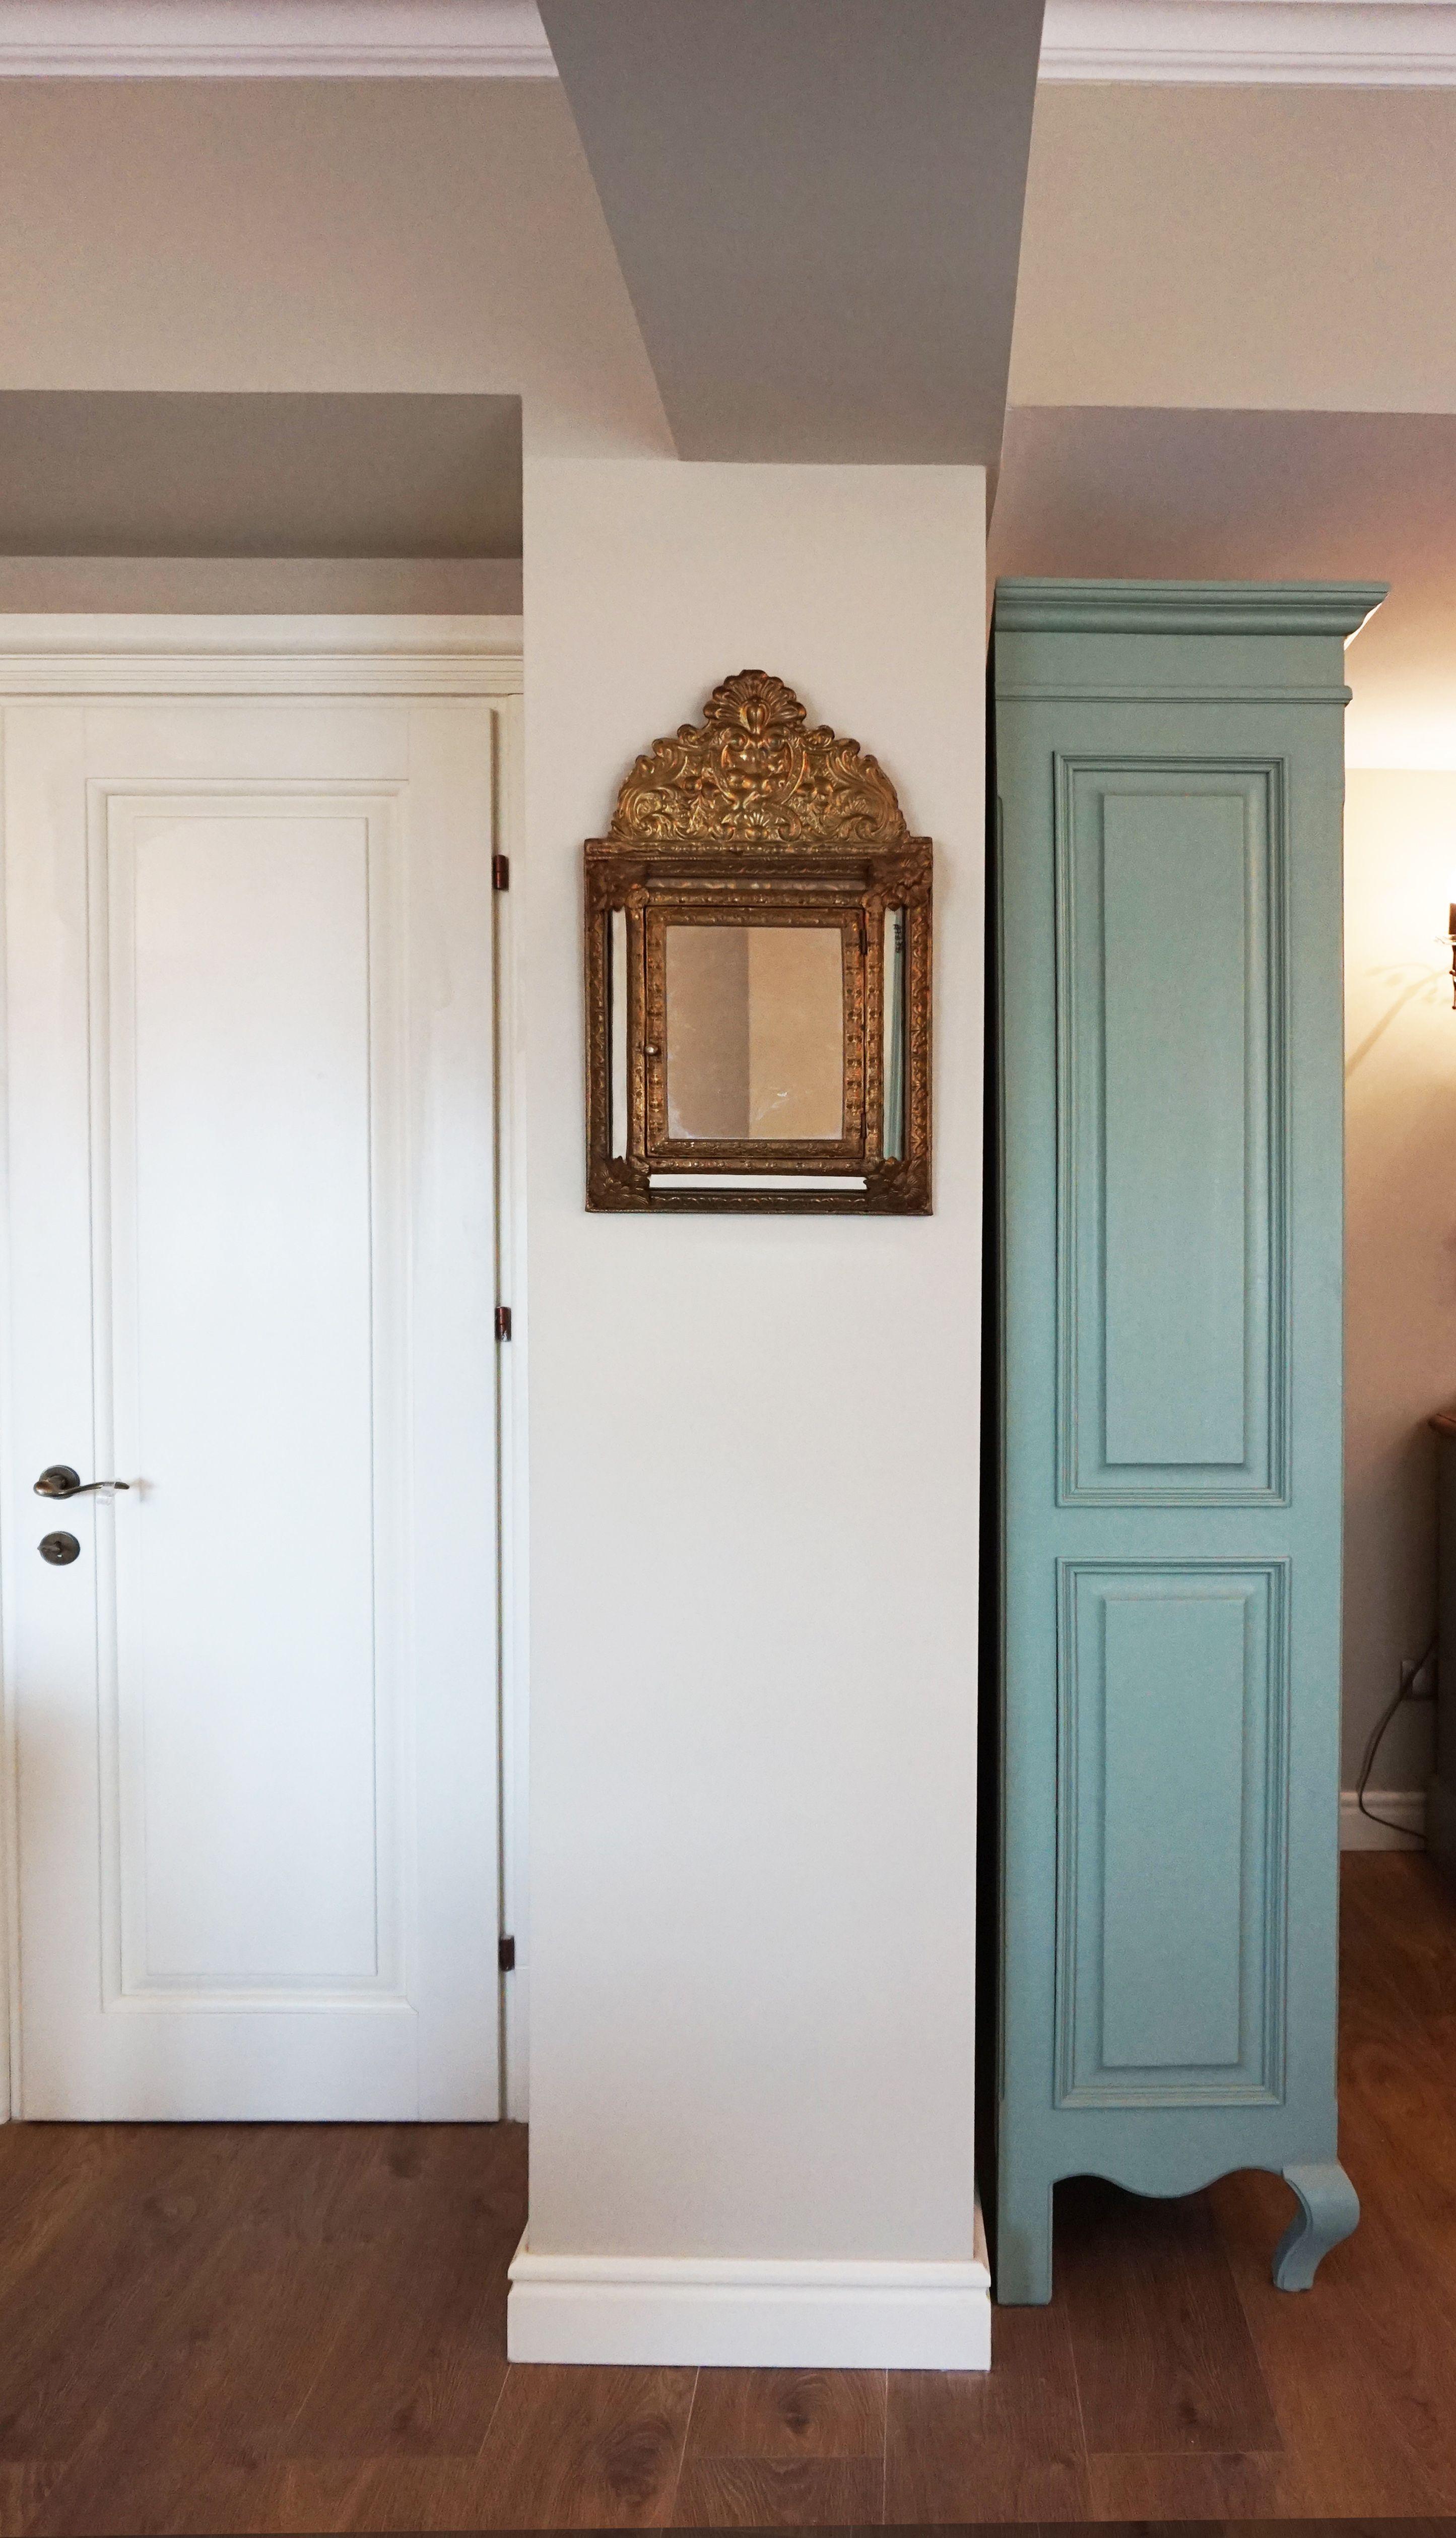 shabby chic interior design in Bucharest by www.iokadesign.ro